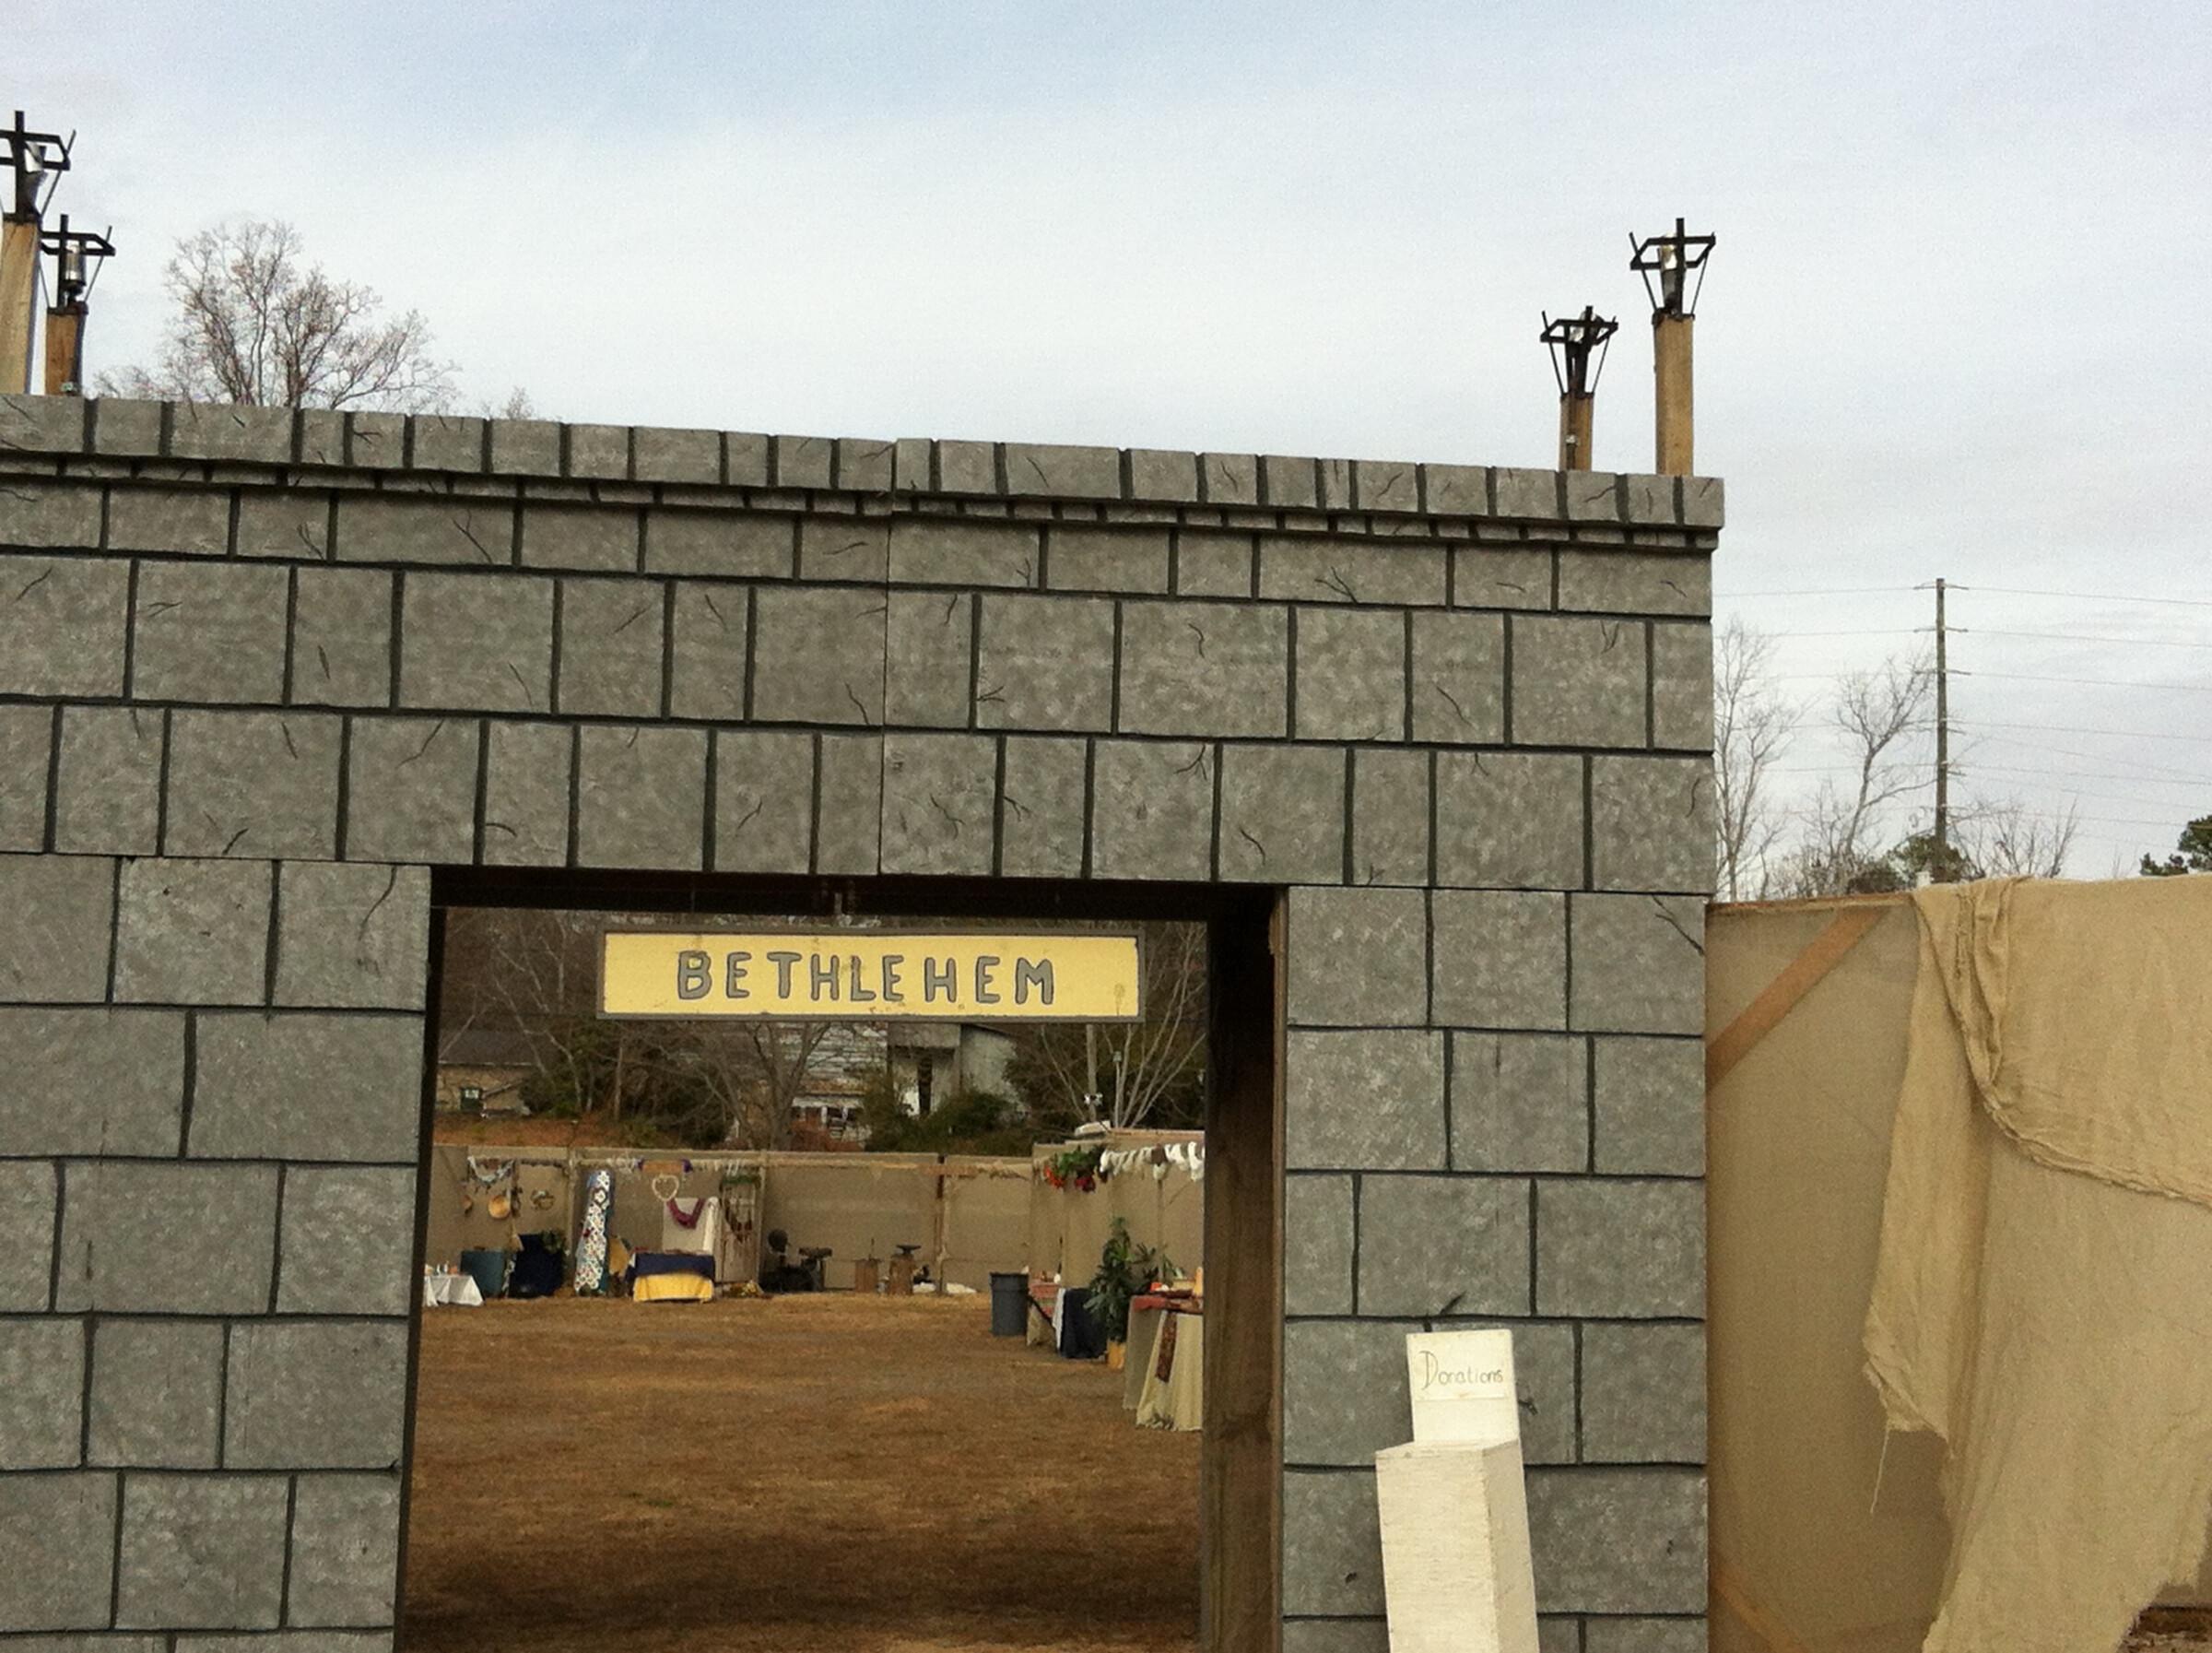 Bethlehem Walk Construction - Nov 24 2017 9:00 AM